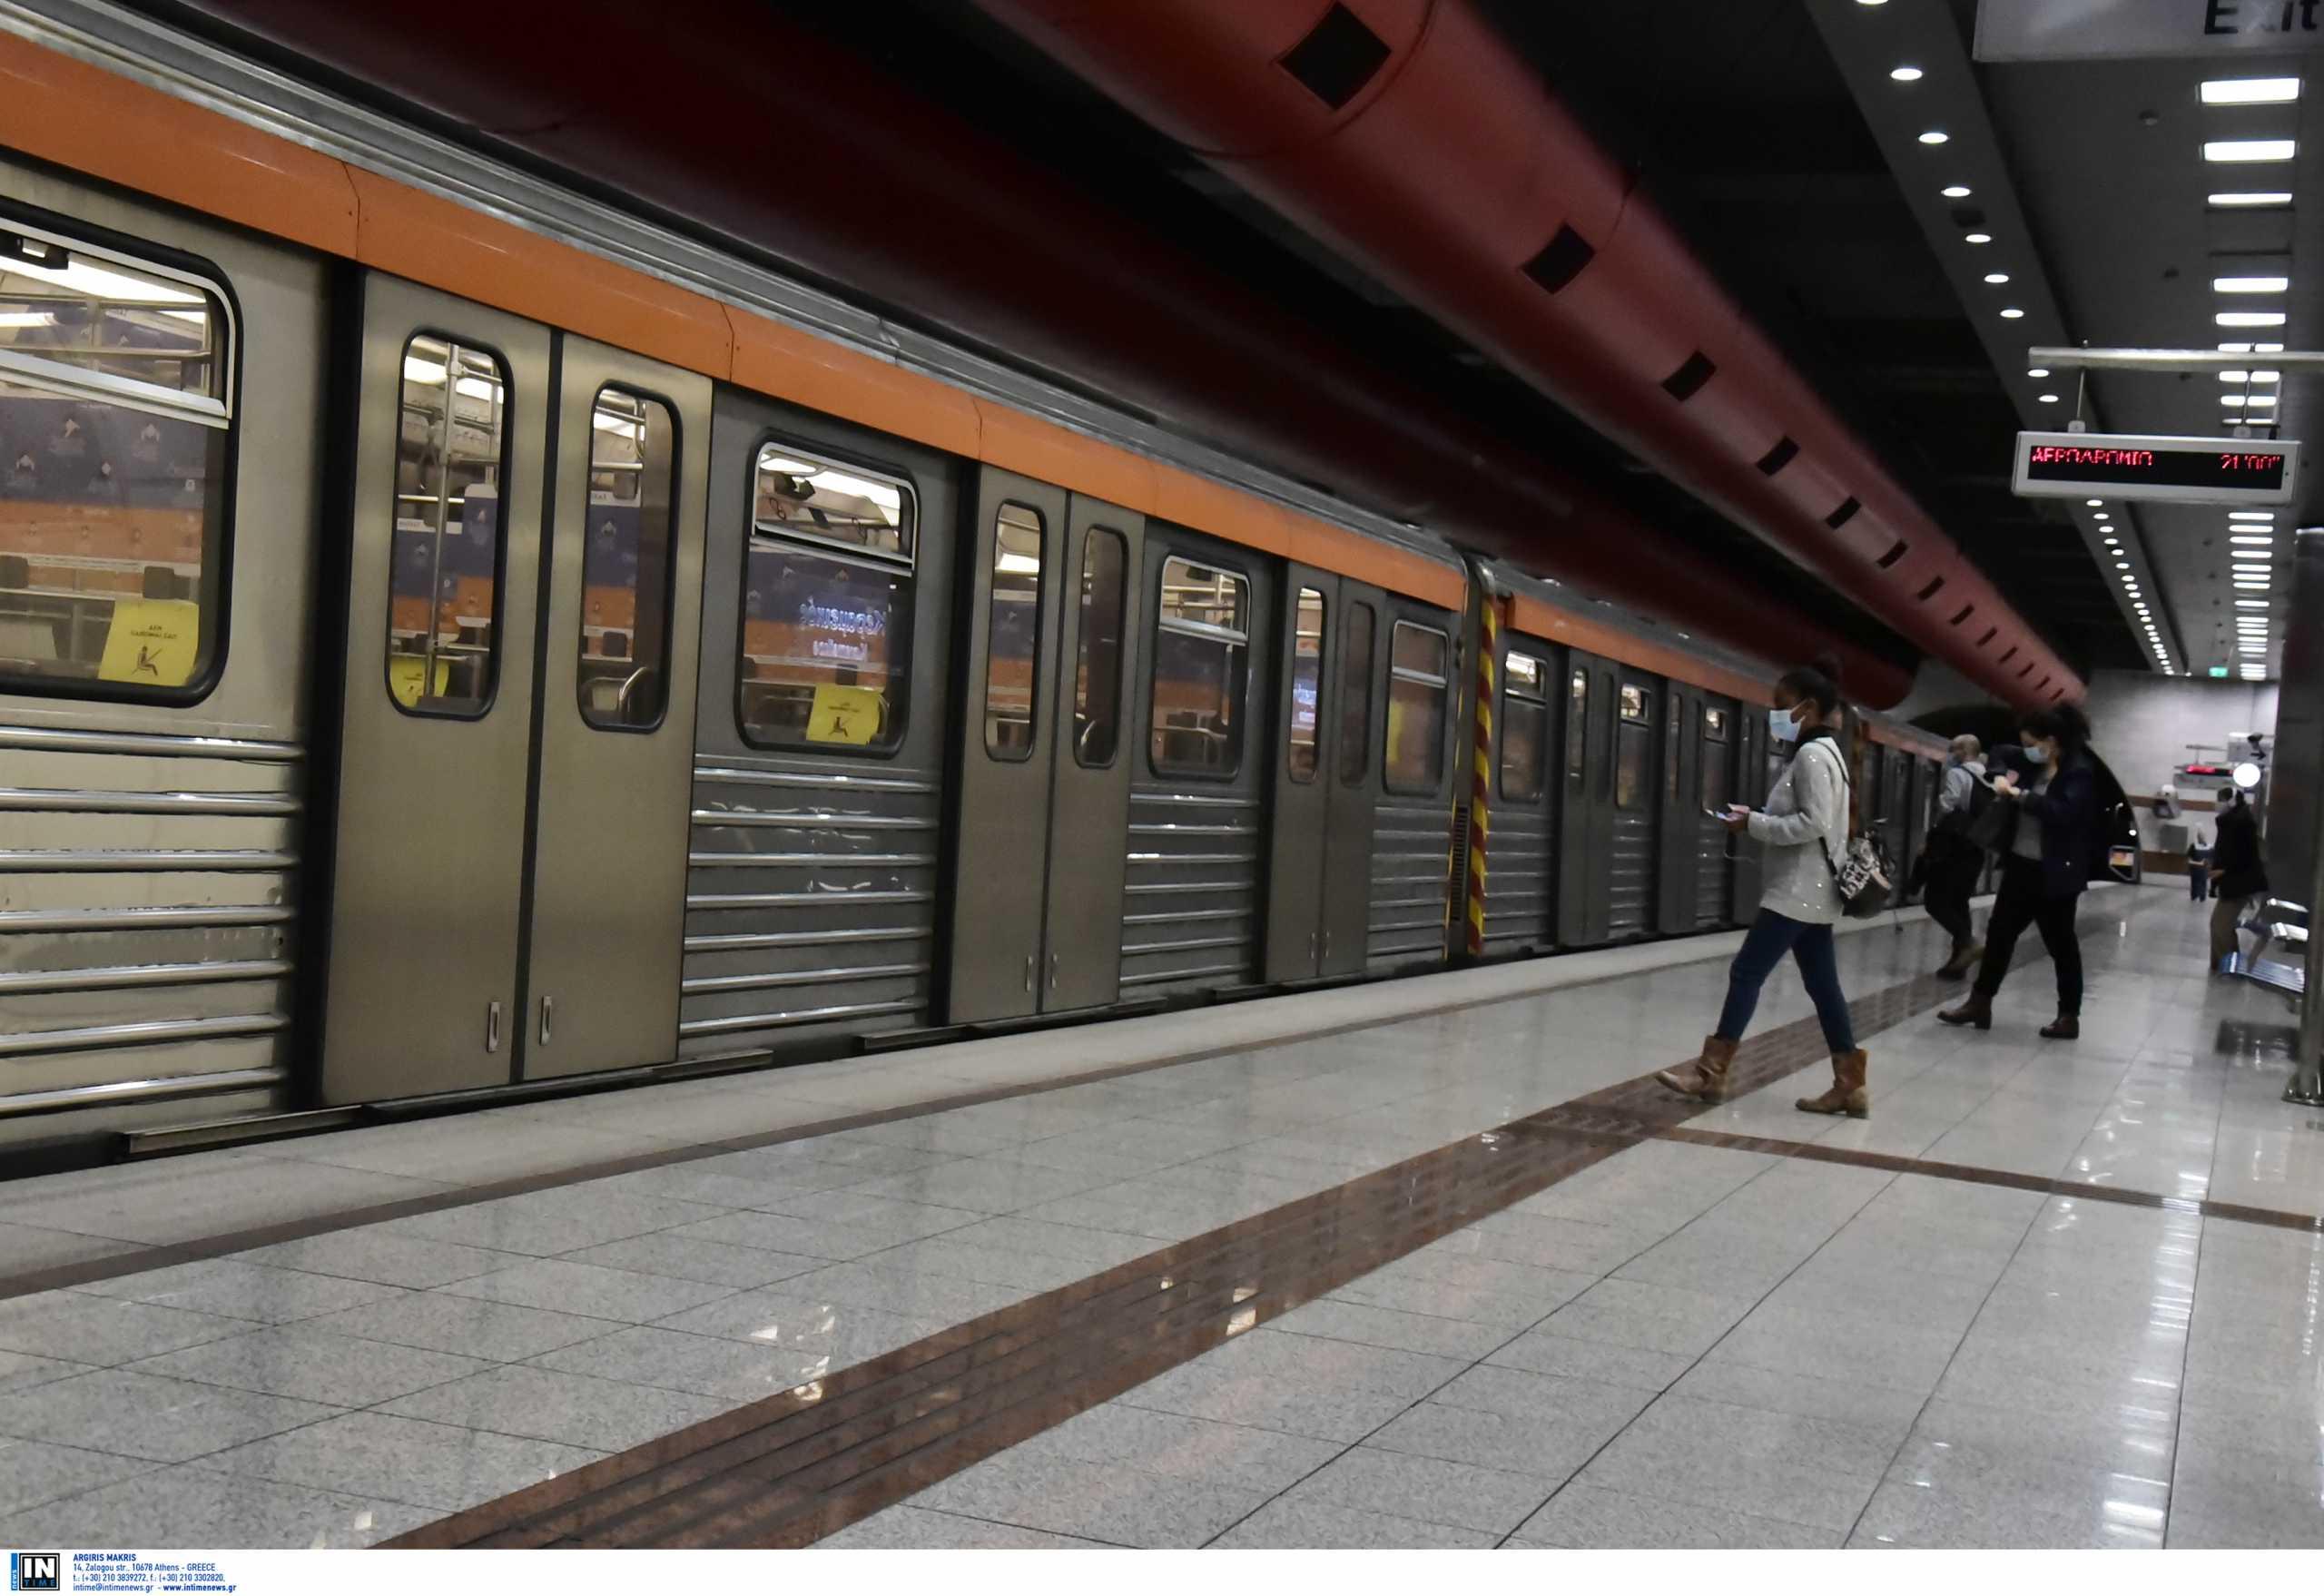 Μετρό: Κλείνουν στις 16:30 οι σταθμοί «Ευαγγελισμός» και «Μέγαρο Μουσικής»